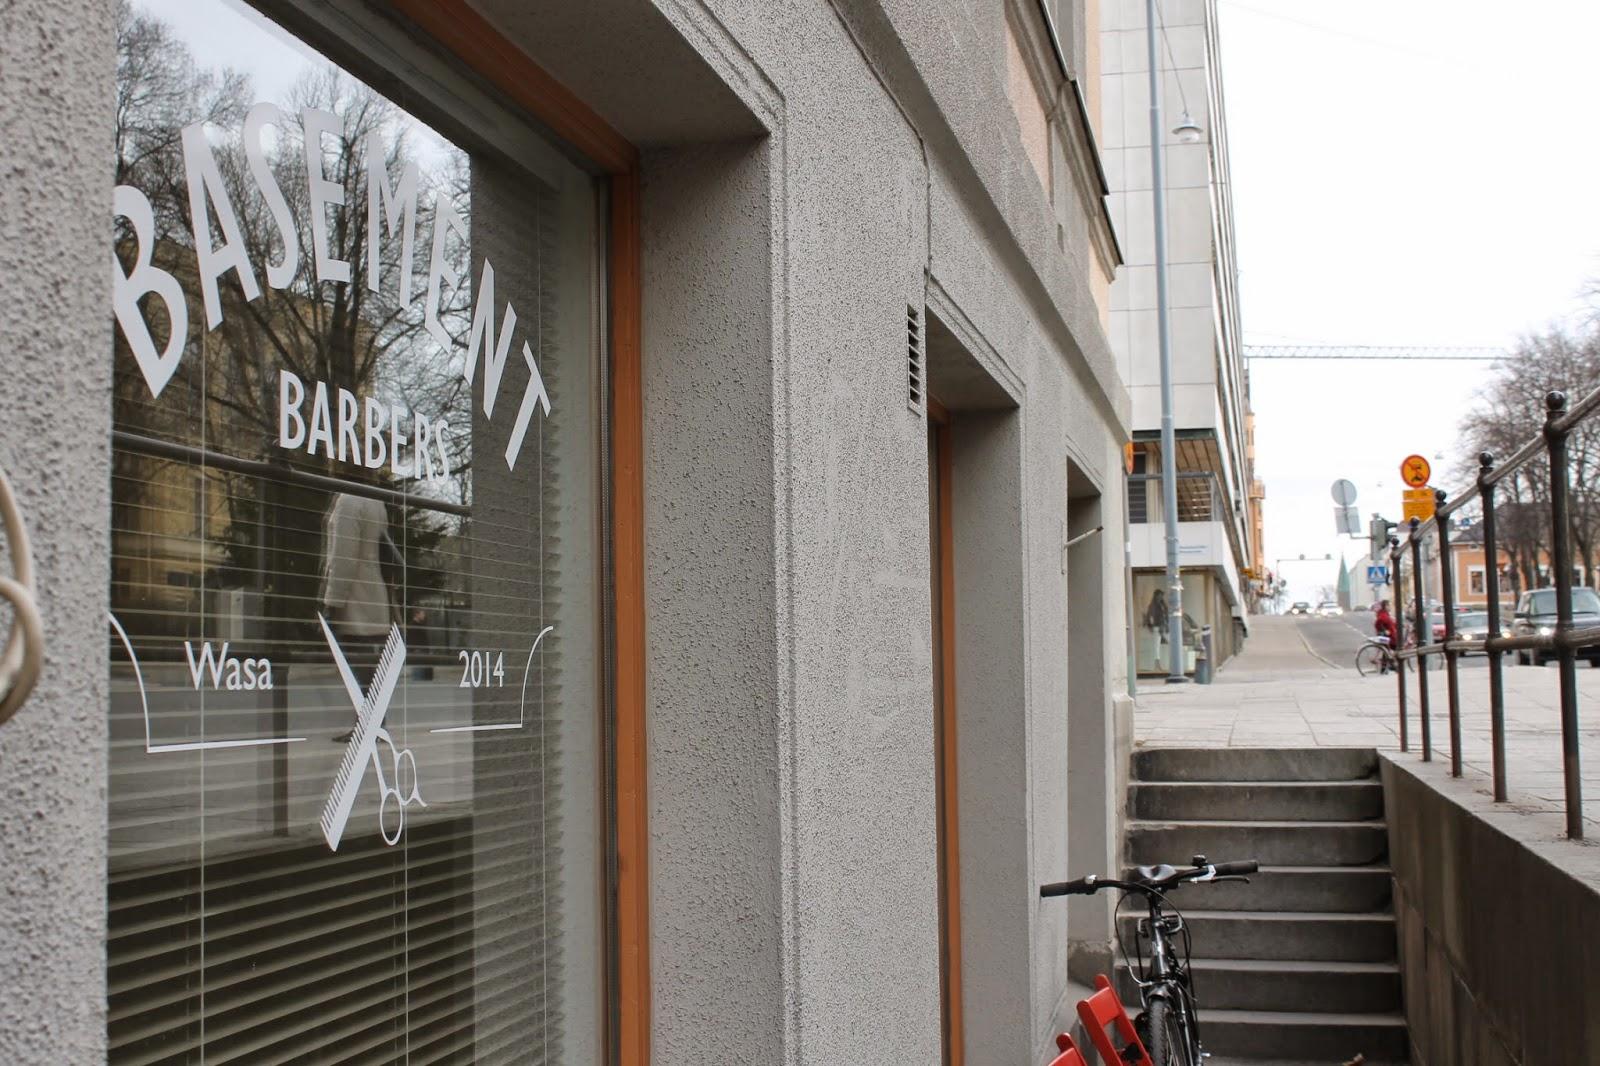 basement barbers